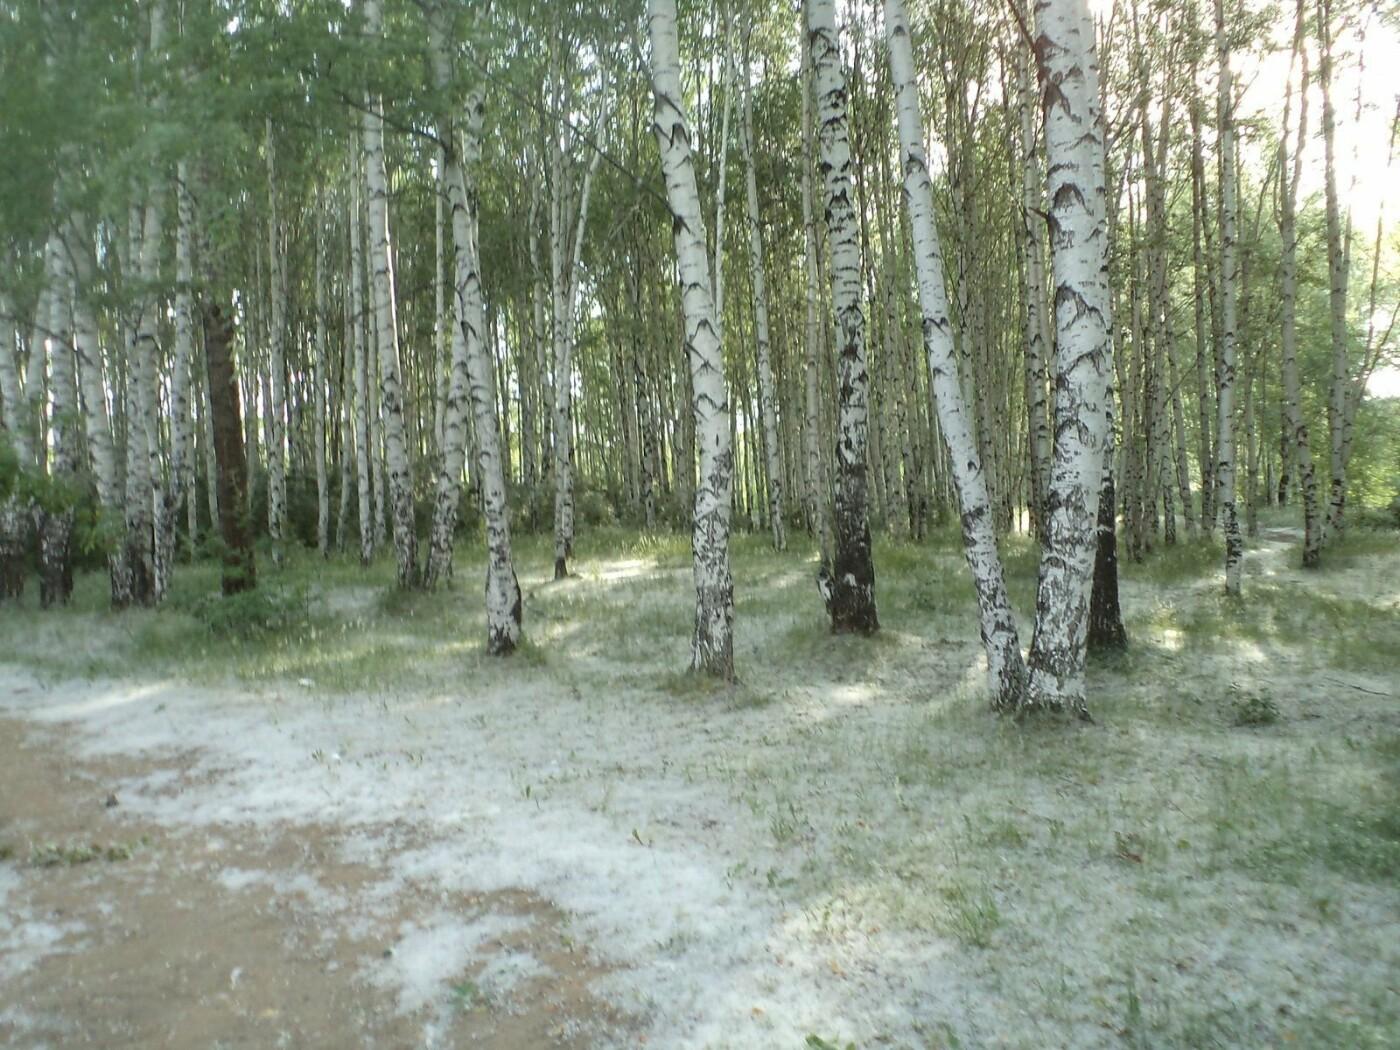 В Ульяновске вместо тополей посадят другие деревья, фото-1